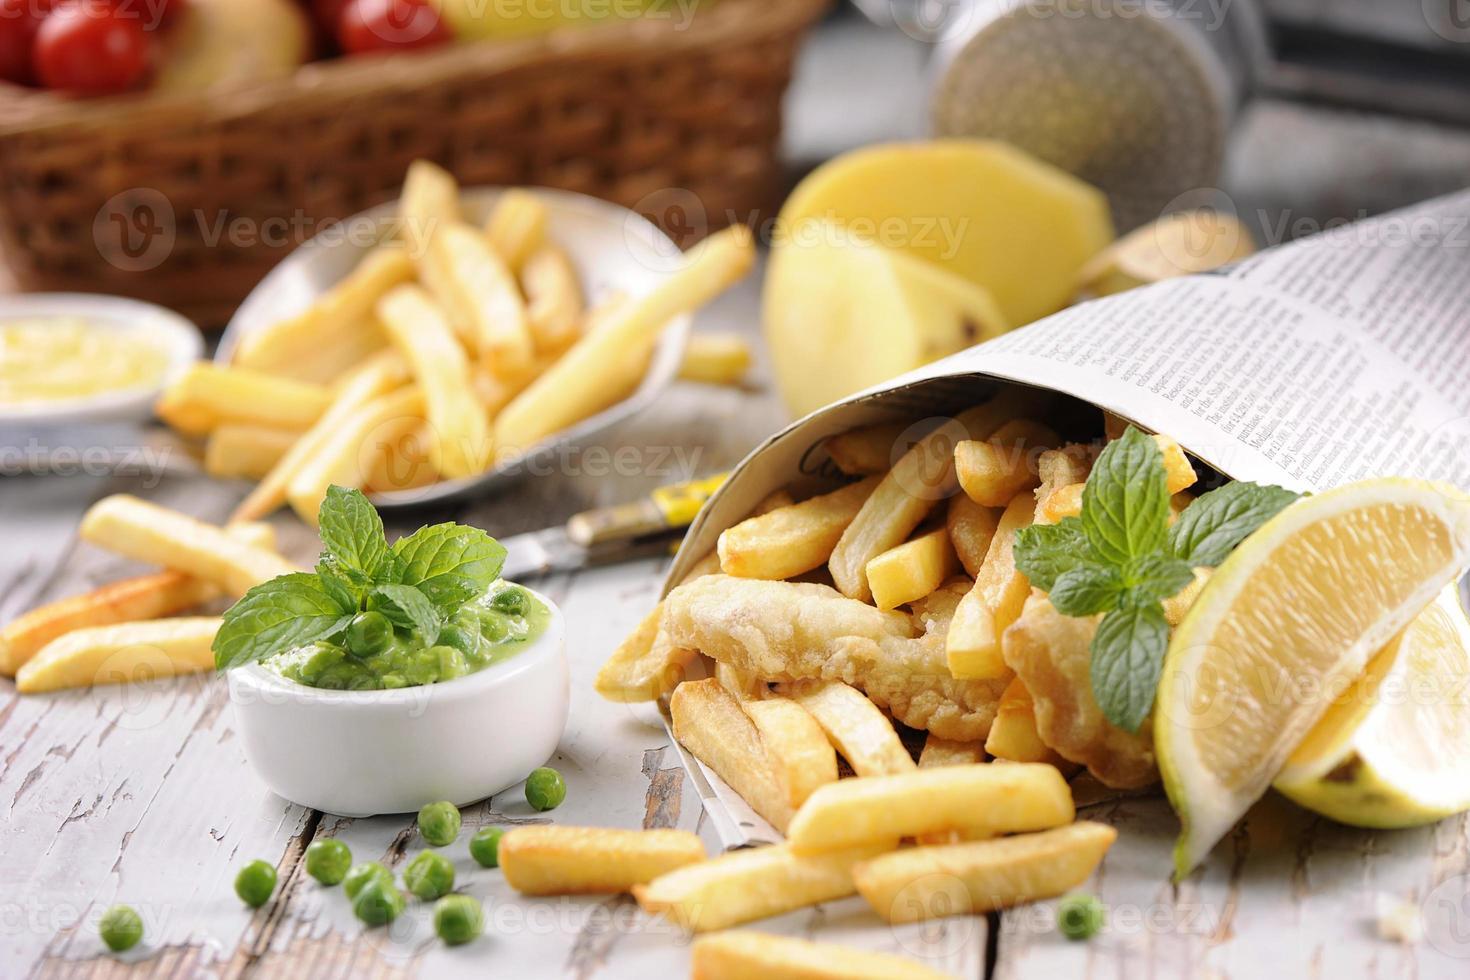 peixe e batatas fritas embrulhado em jornal foto